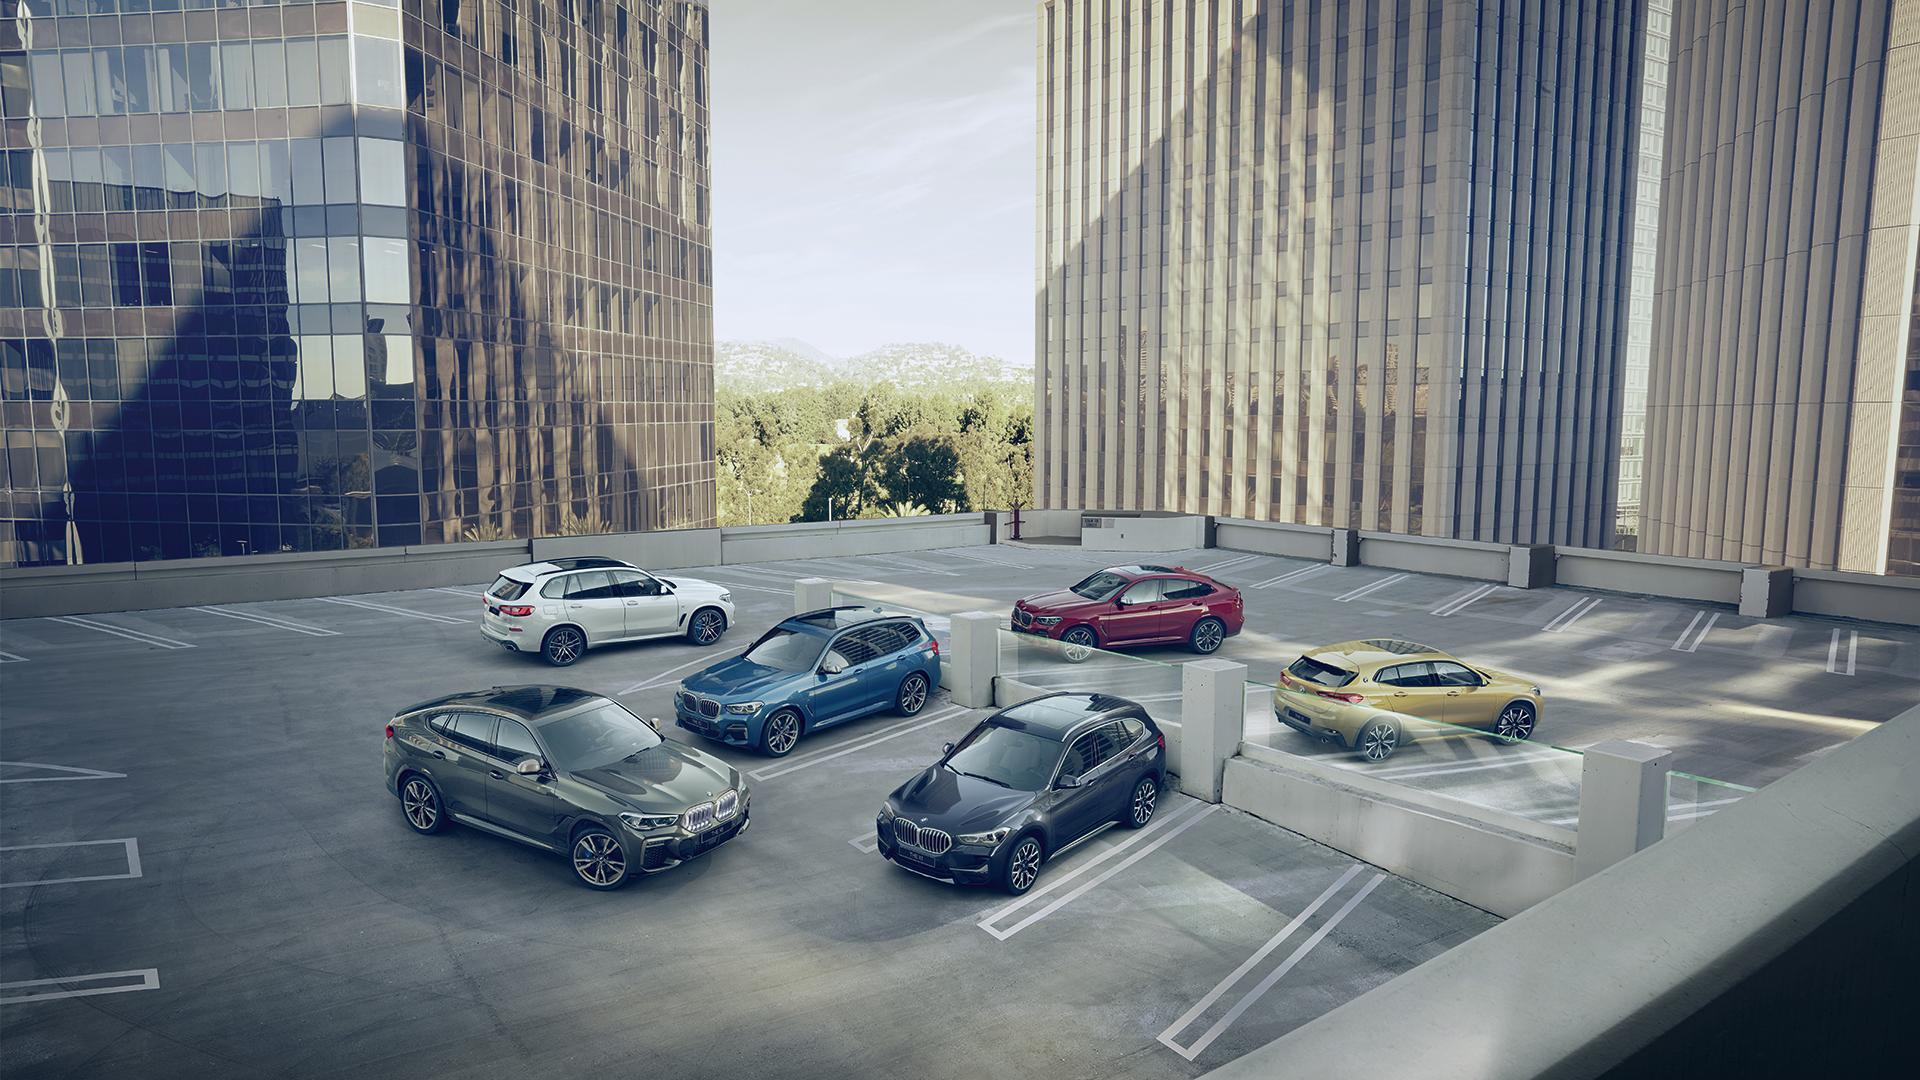 ОБМЕНЯЙТЕ ВАШ АВТОМОБИЛЬ НА BMW С ПРЕИМУЩЕСТВОМ ДО 400 000 ₽